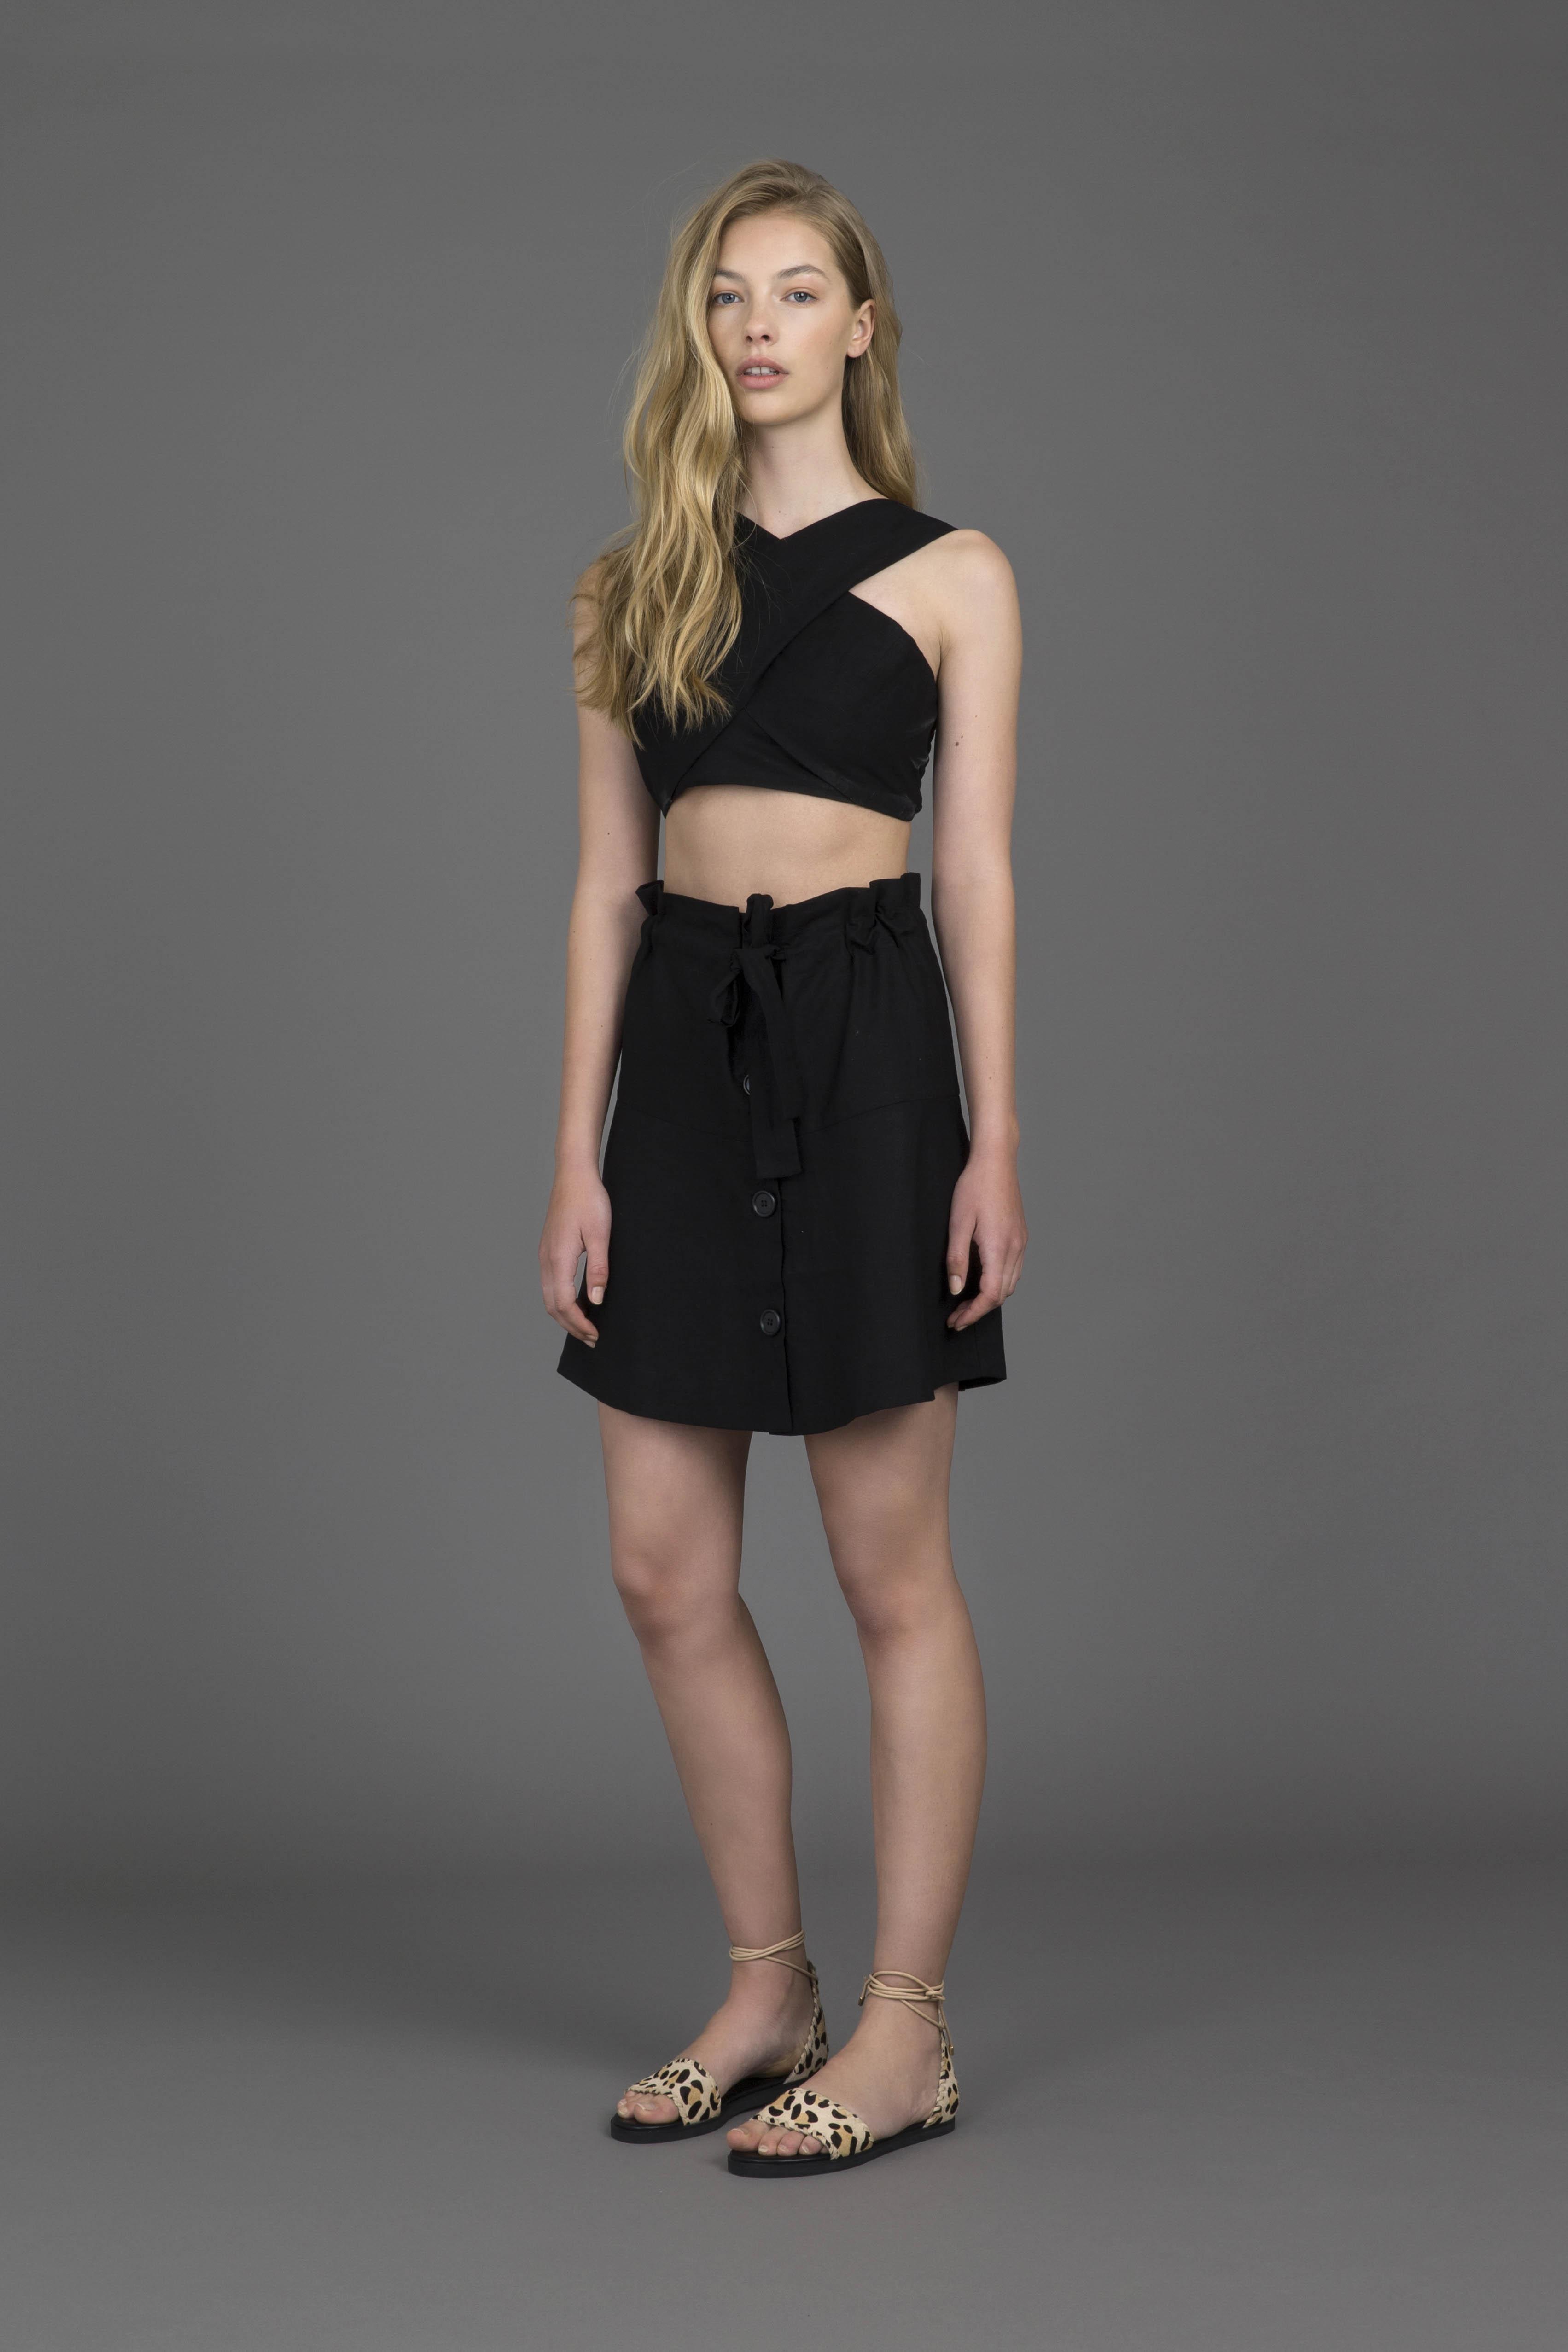 ruby-bahati-crop-top-bahati-skirt